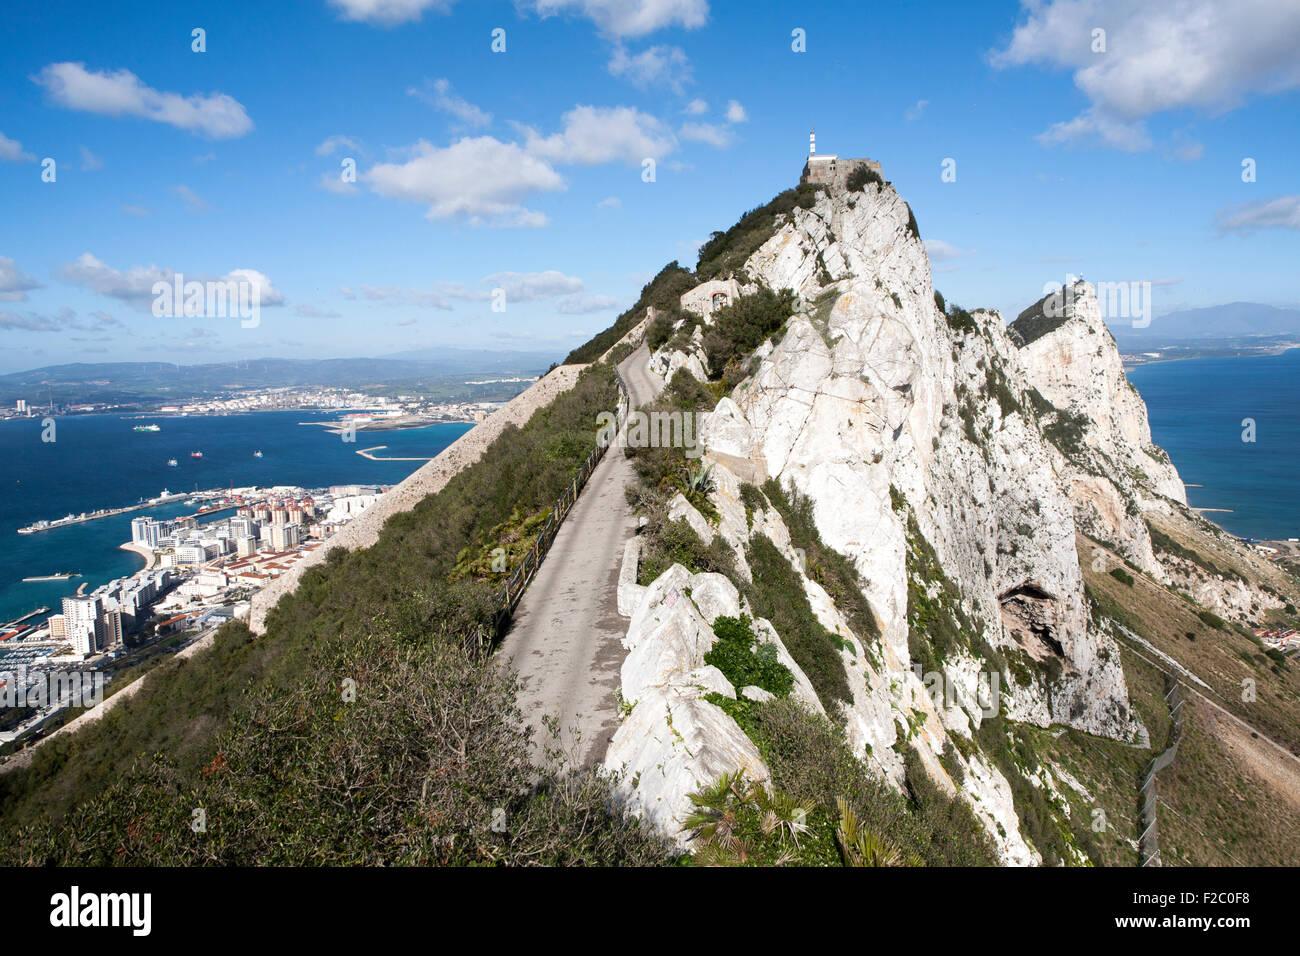 Pura roca blanca ladera del Peñón de Gibraltar, territorio británico en el sur de Europa Imagen De Stock